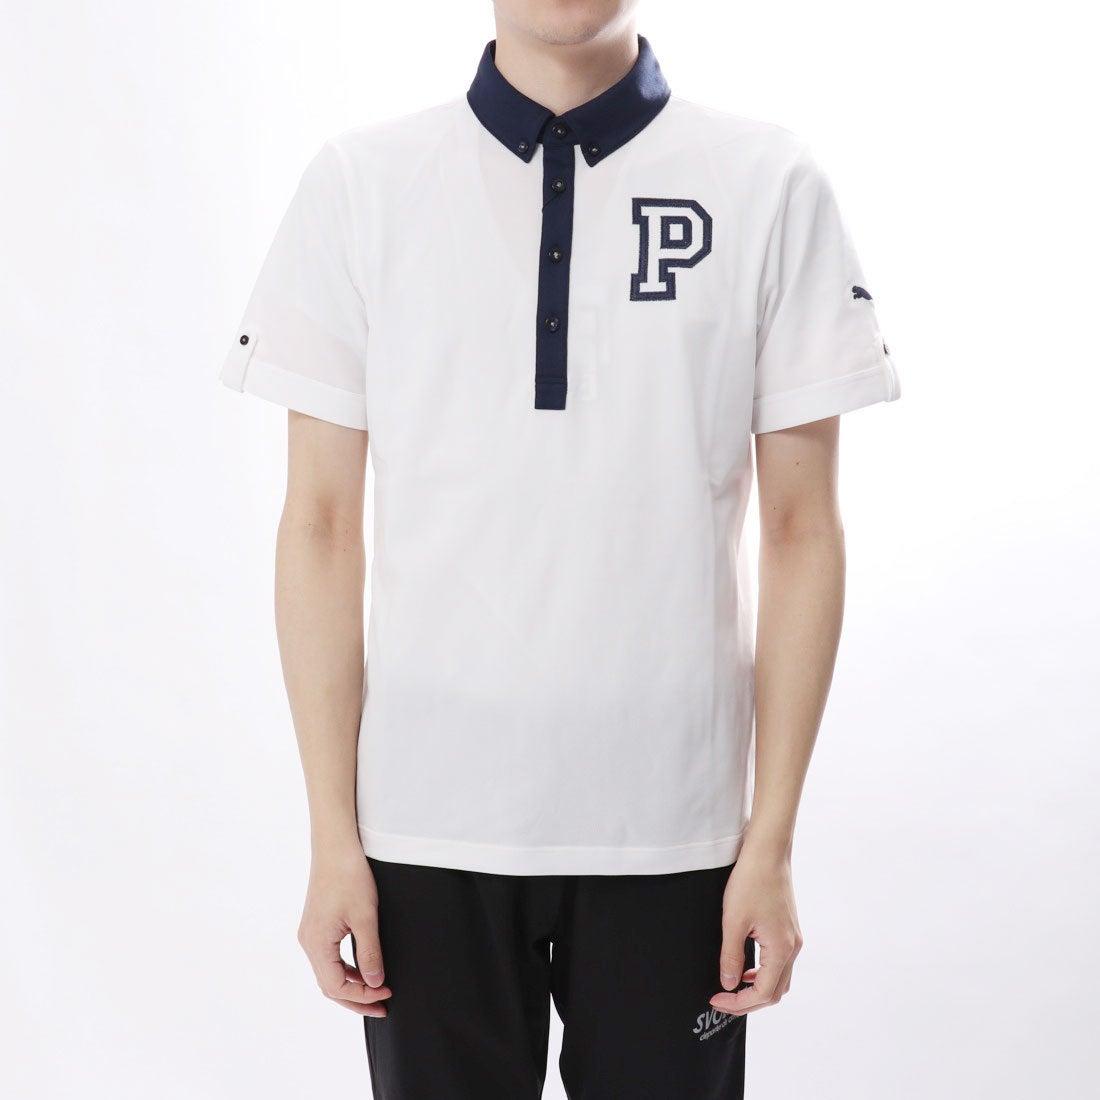 bb55c55ace1c9 プーマ PUMA メンズ ゴルフ 半袖 シャツ ロールアップSS ポロシャツ 923683 -レディースファッション通販 ロコンドガールズコレクション  (ロココレ)